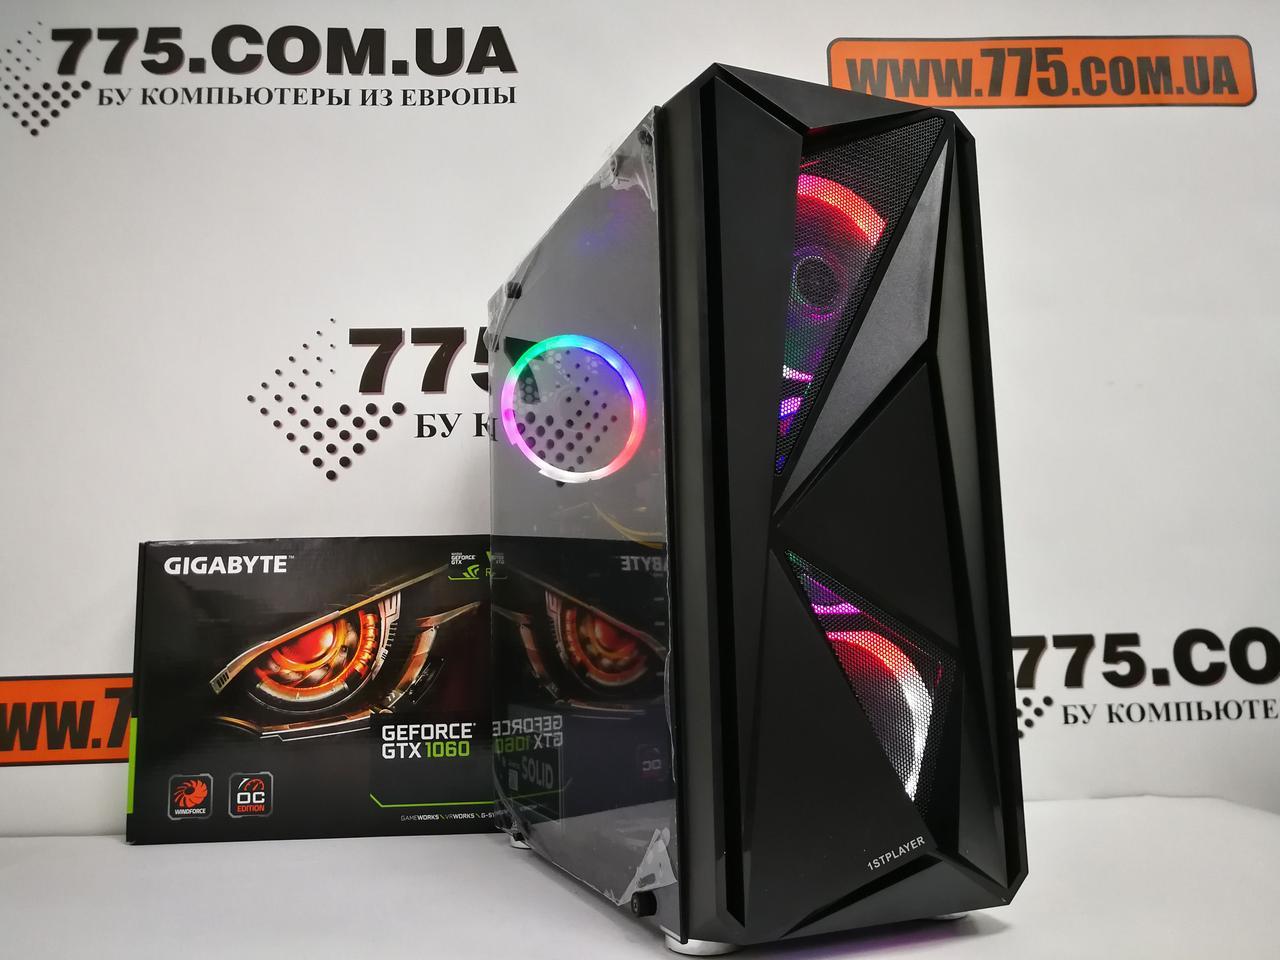 Игровой компьютер, Intel Core i5-2400 3.4GHz, RAM 8ГБ, SSD 120ГБ, HDD 500ГБ, GTX 1060 3ГБ